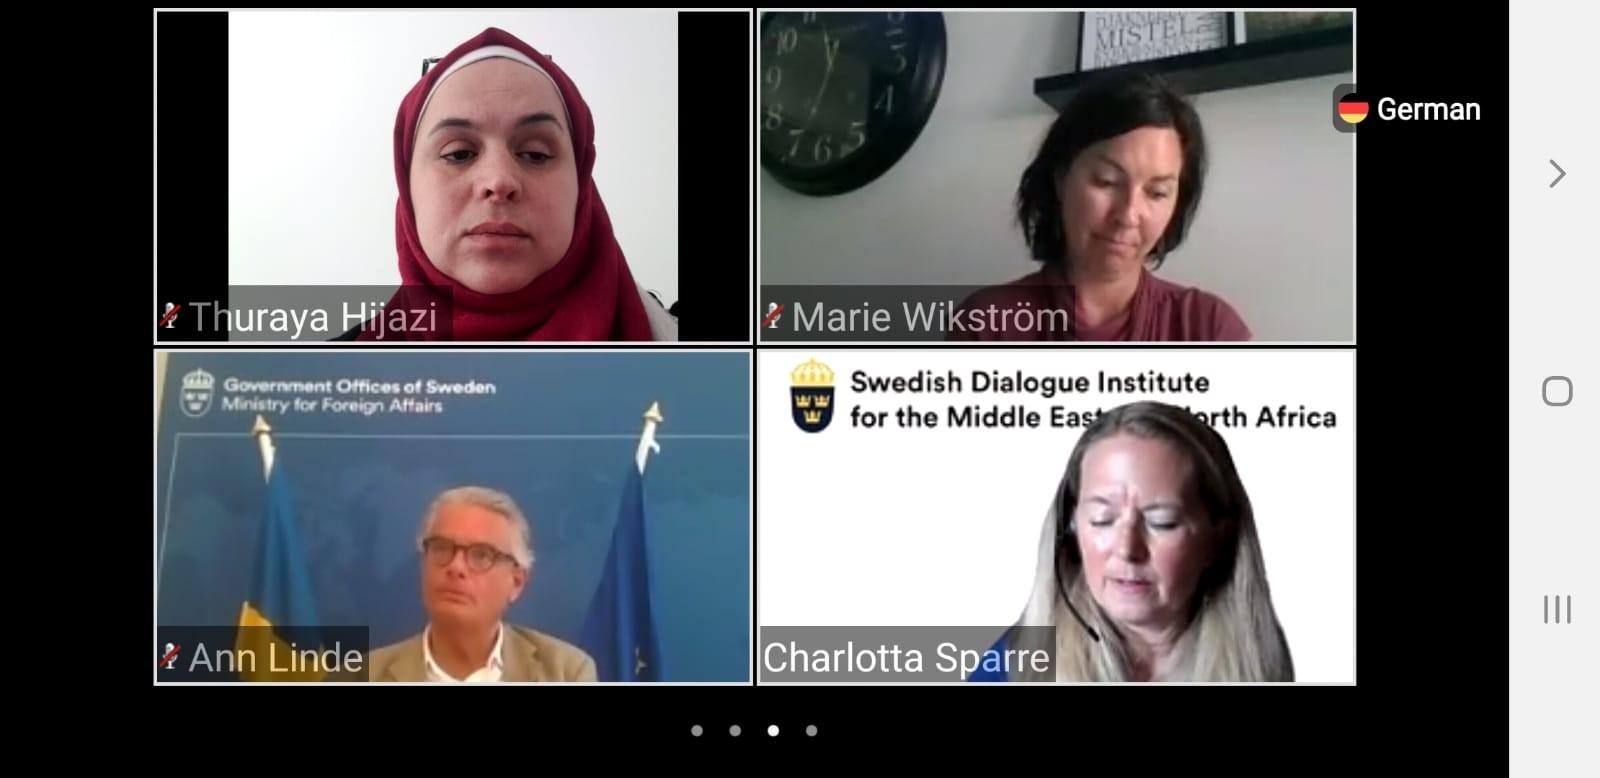 مقتطفات من مشاركة عضوة الأمانة العامة في الحركة السياسية النسوية السورية  ثريا حجازي في مؤتمر بروكسل للمانحين لسوريا